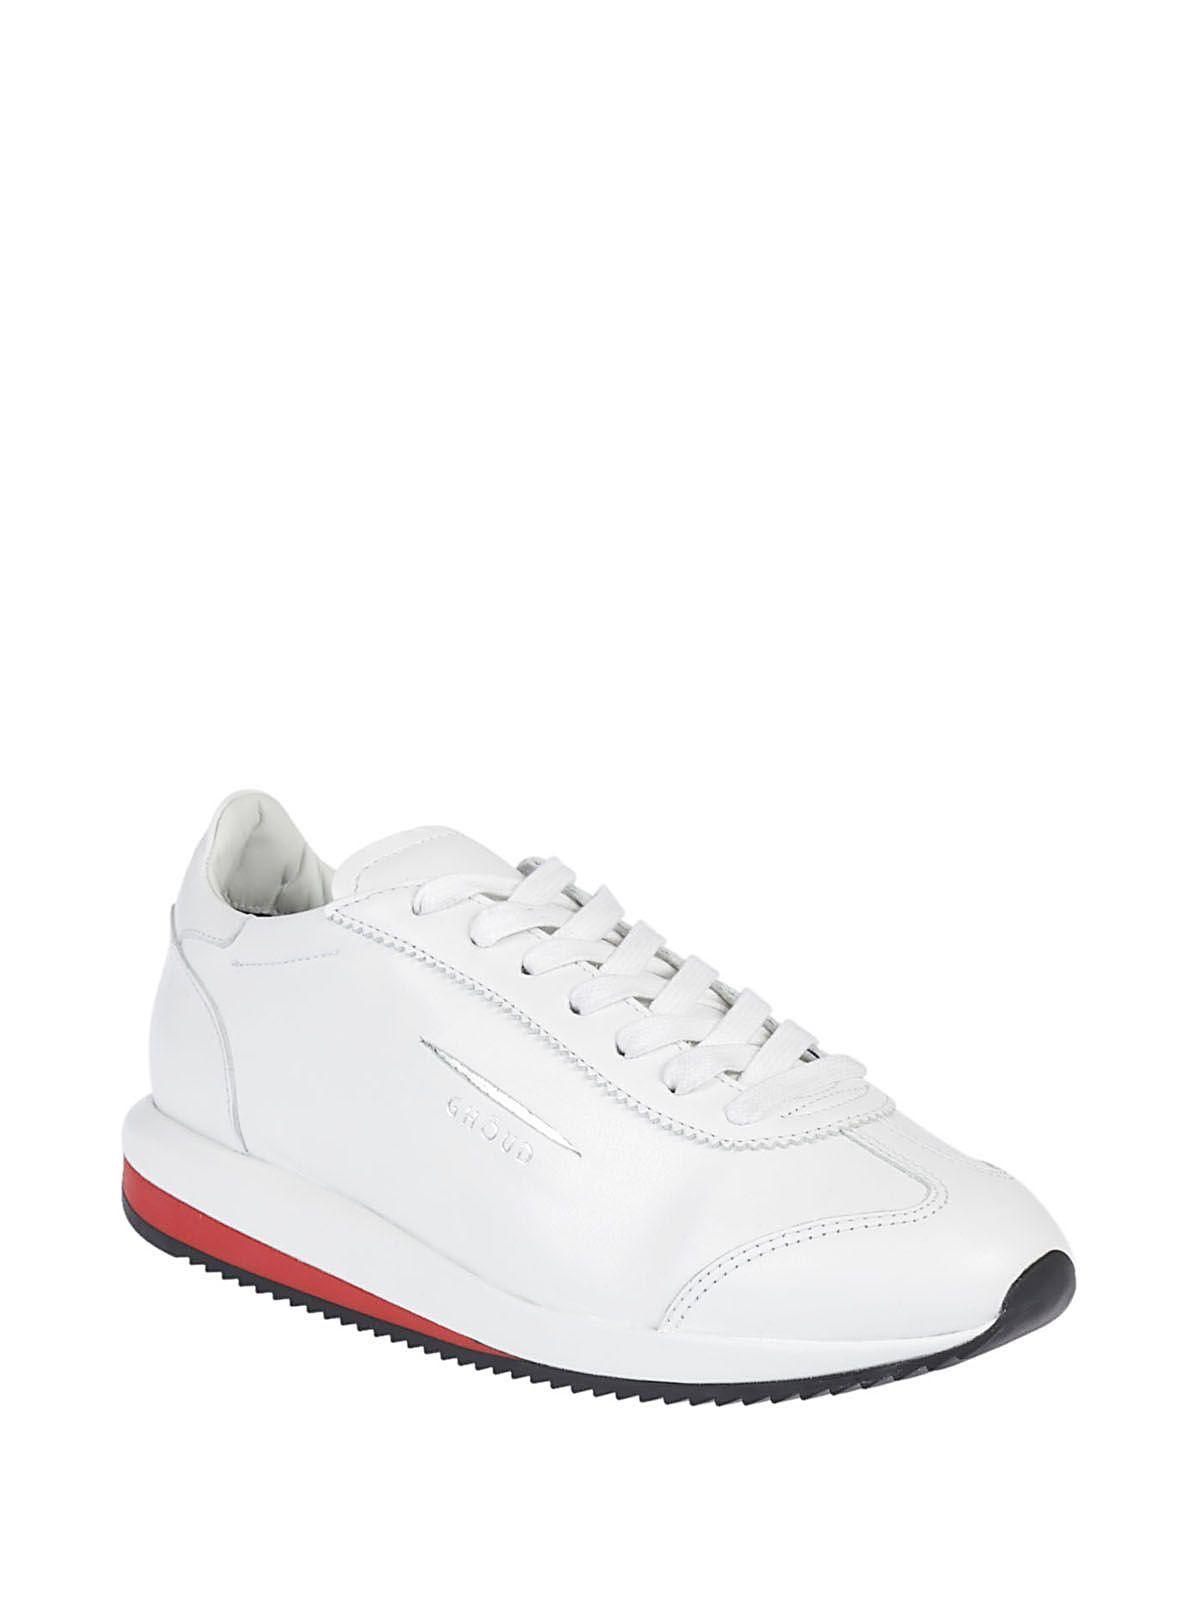 GHOUD .  ghoud  shoes   dec19df1b0a